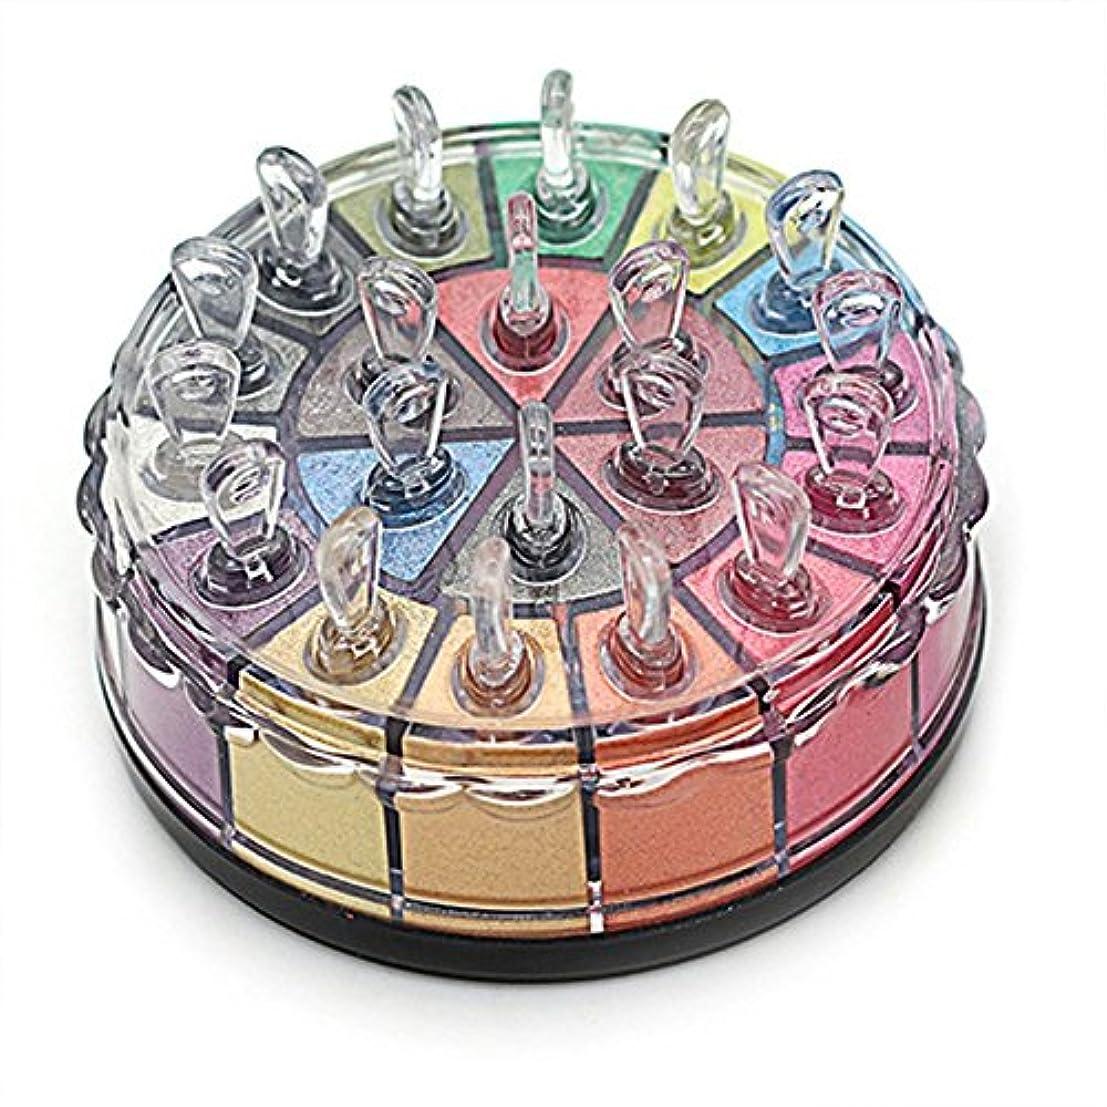 助手気球期限Lazayyii 20色 メイクパレット ミラージュ パウダーアイシャドウ パール マットアイシャドウ アイシャドー メイクパレット グリッター アイシャドウ (01#)